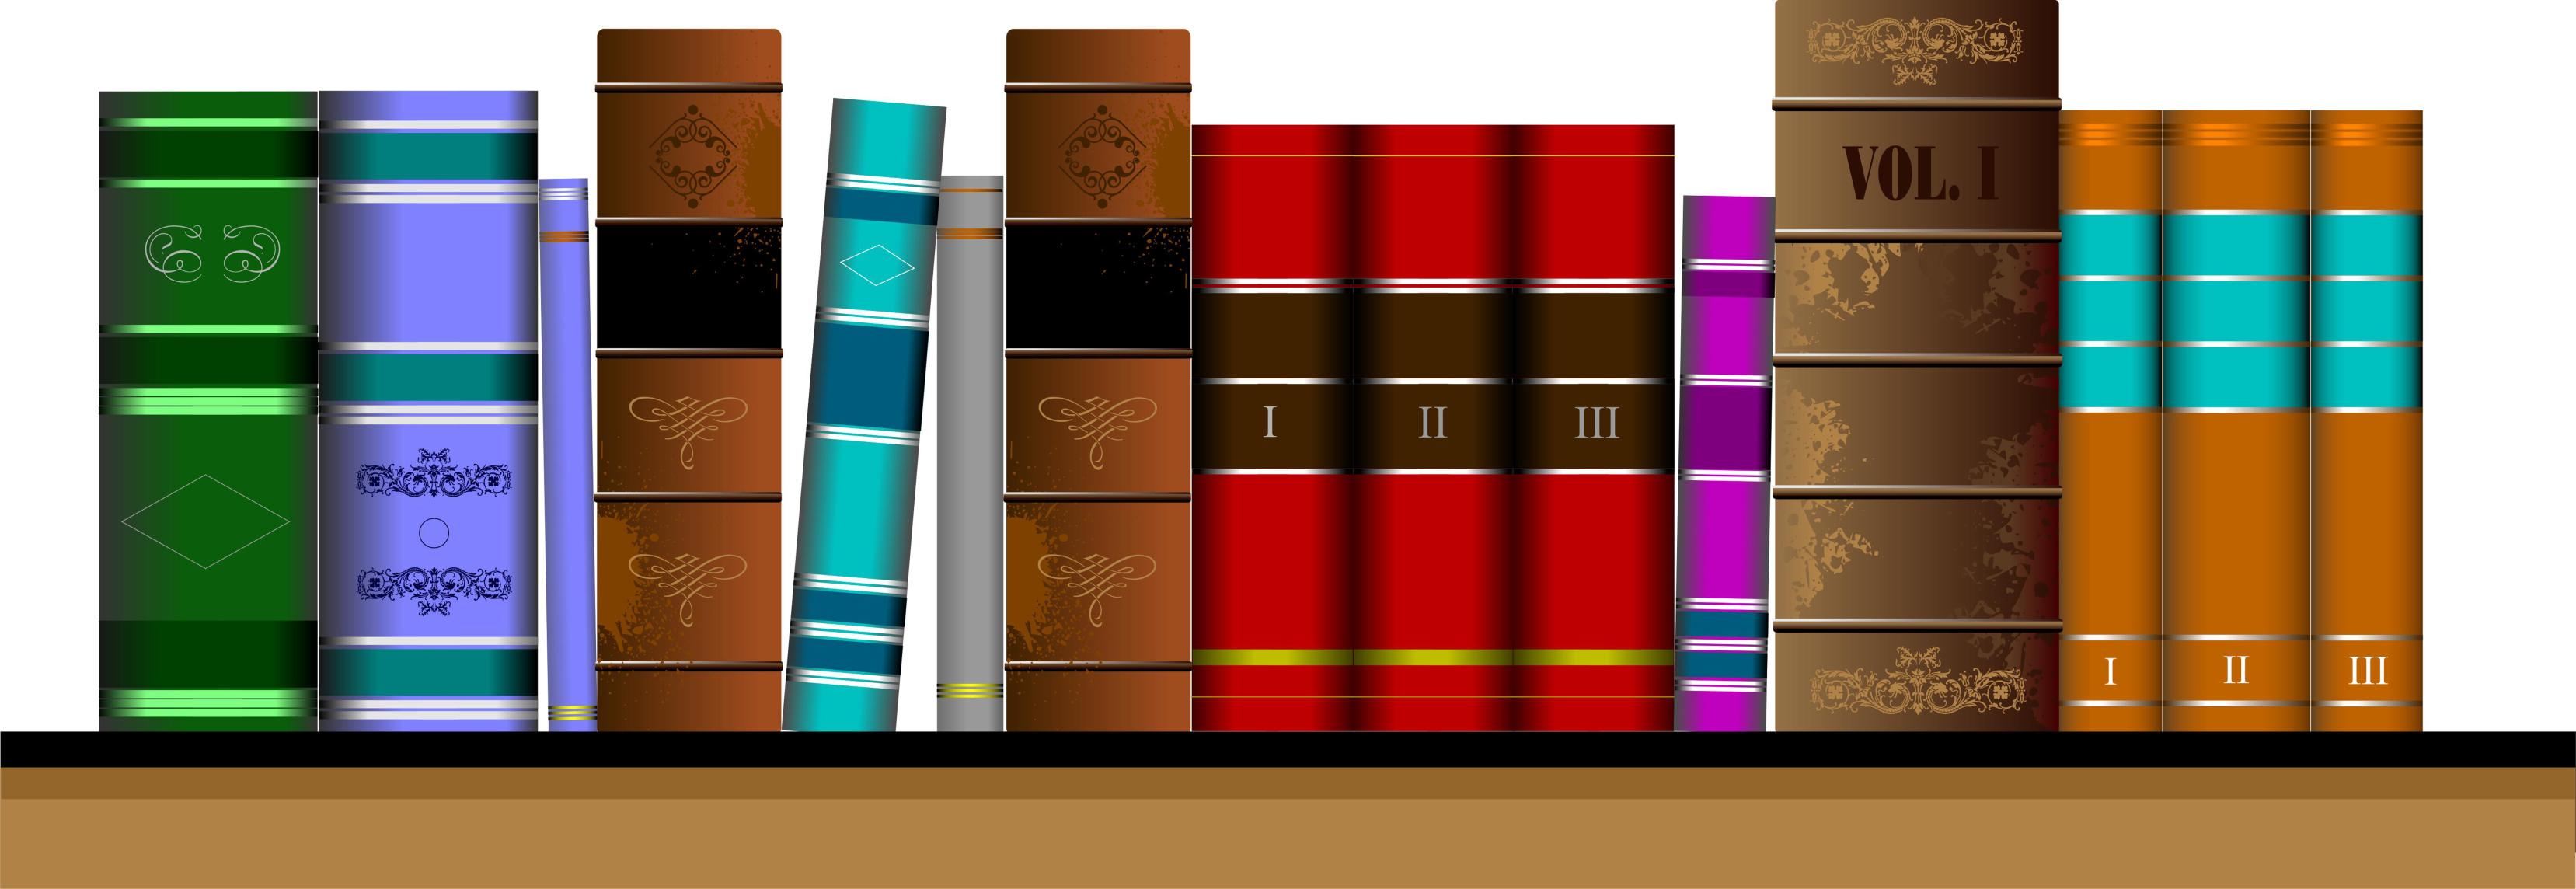 Library Bookshelf Clipart 8 Essential Books Ever...